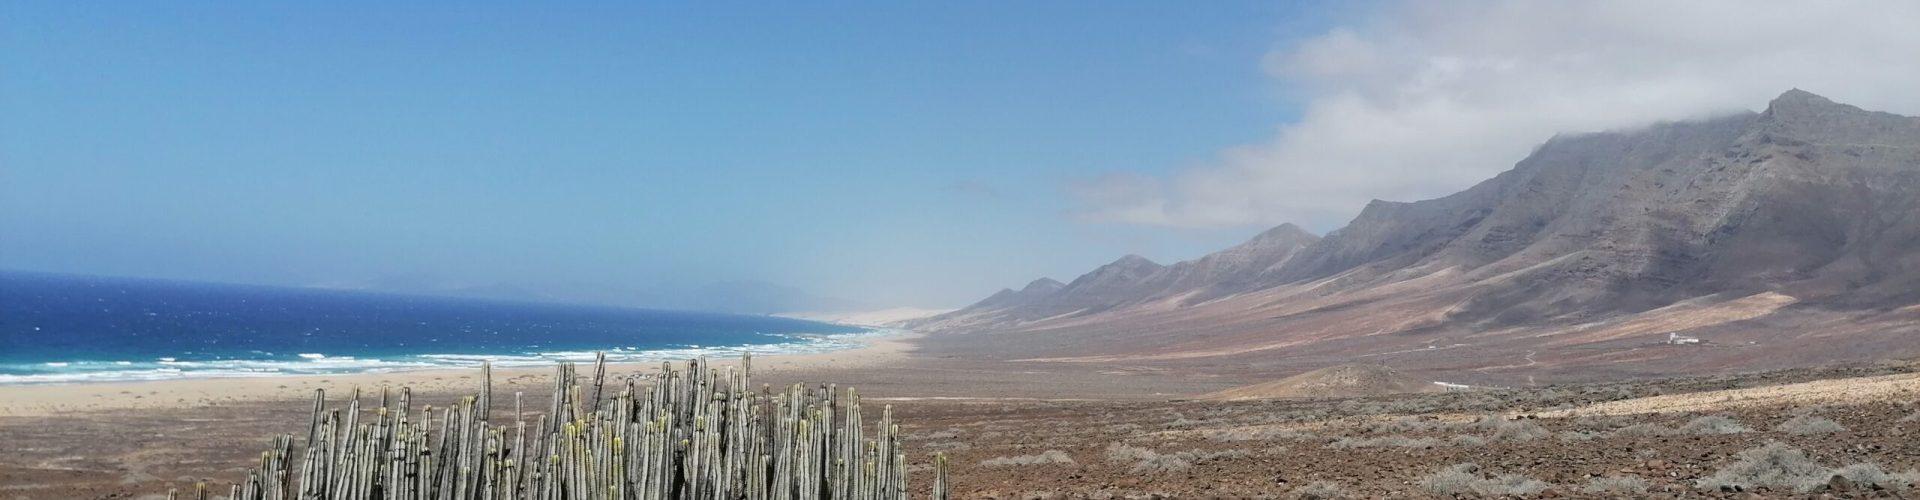 Mesozoico en Canarias. Fósiles y vulcanismo en Fuerteventura.